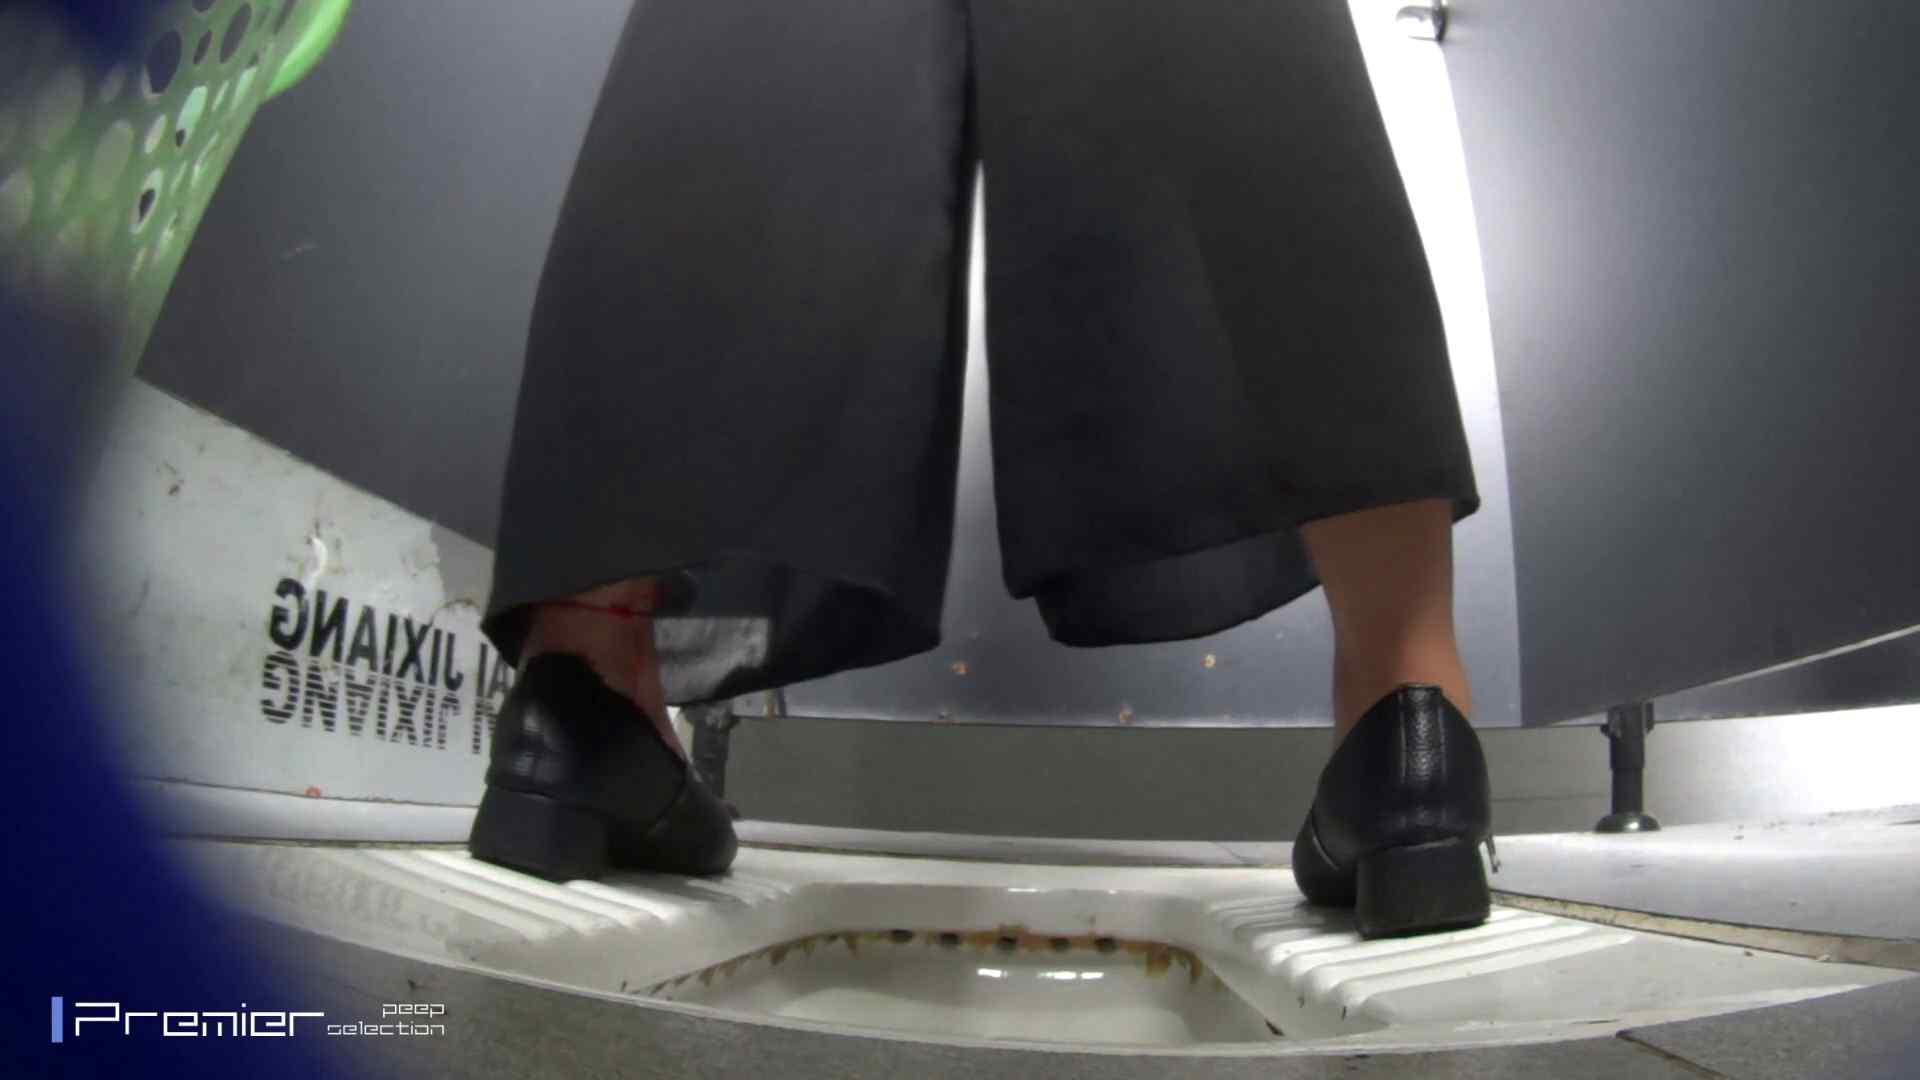 夏全開!ハーフパンツのギャル達 大学休憩時間の洗面所事情44 お姉さん  112pic 22